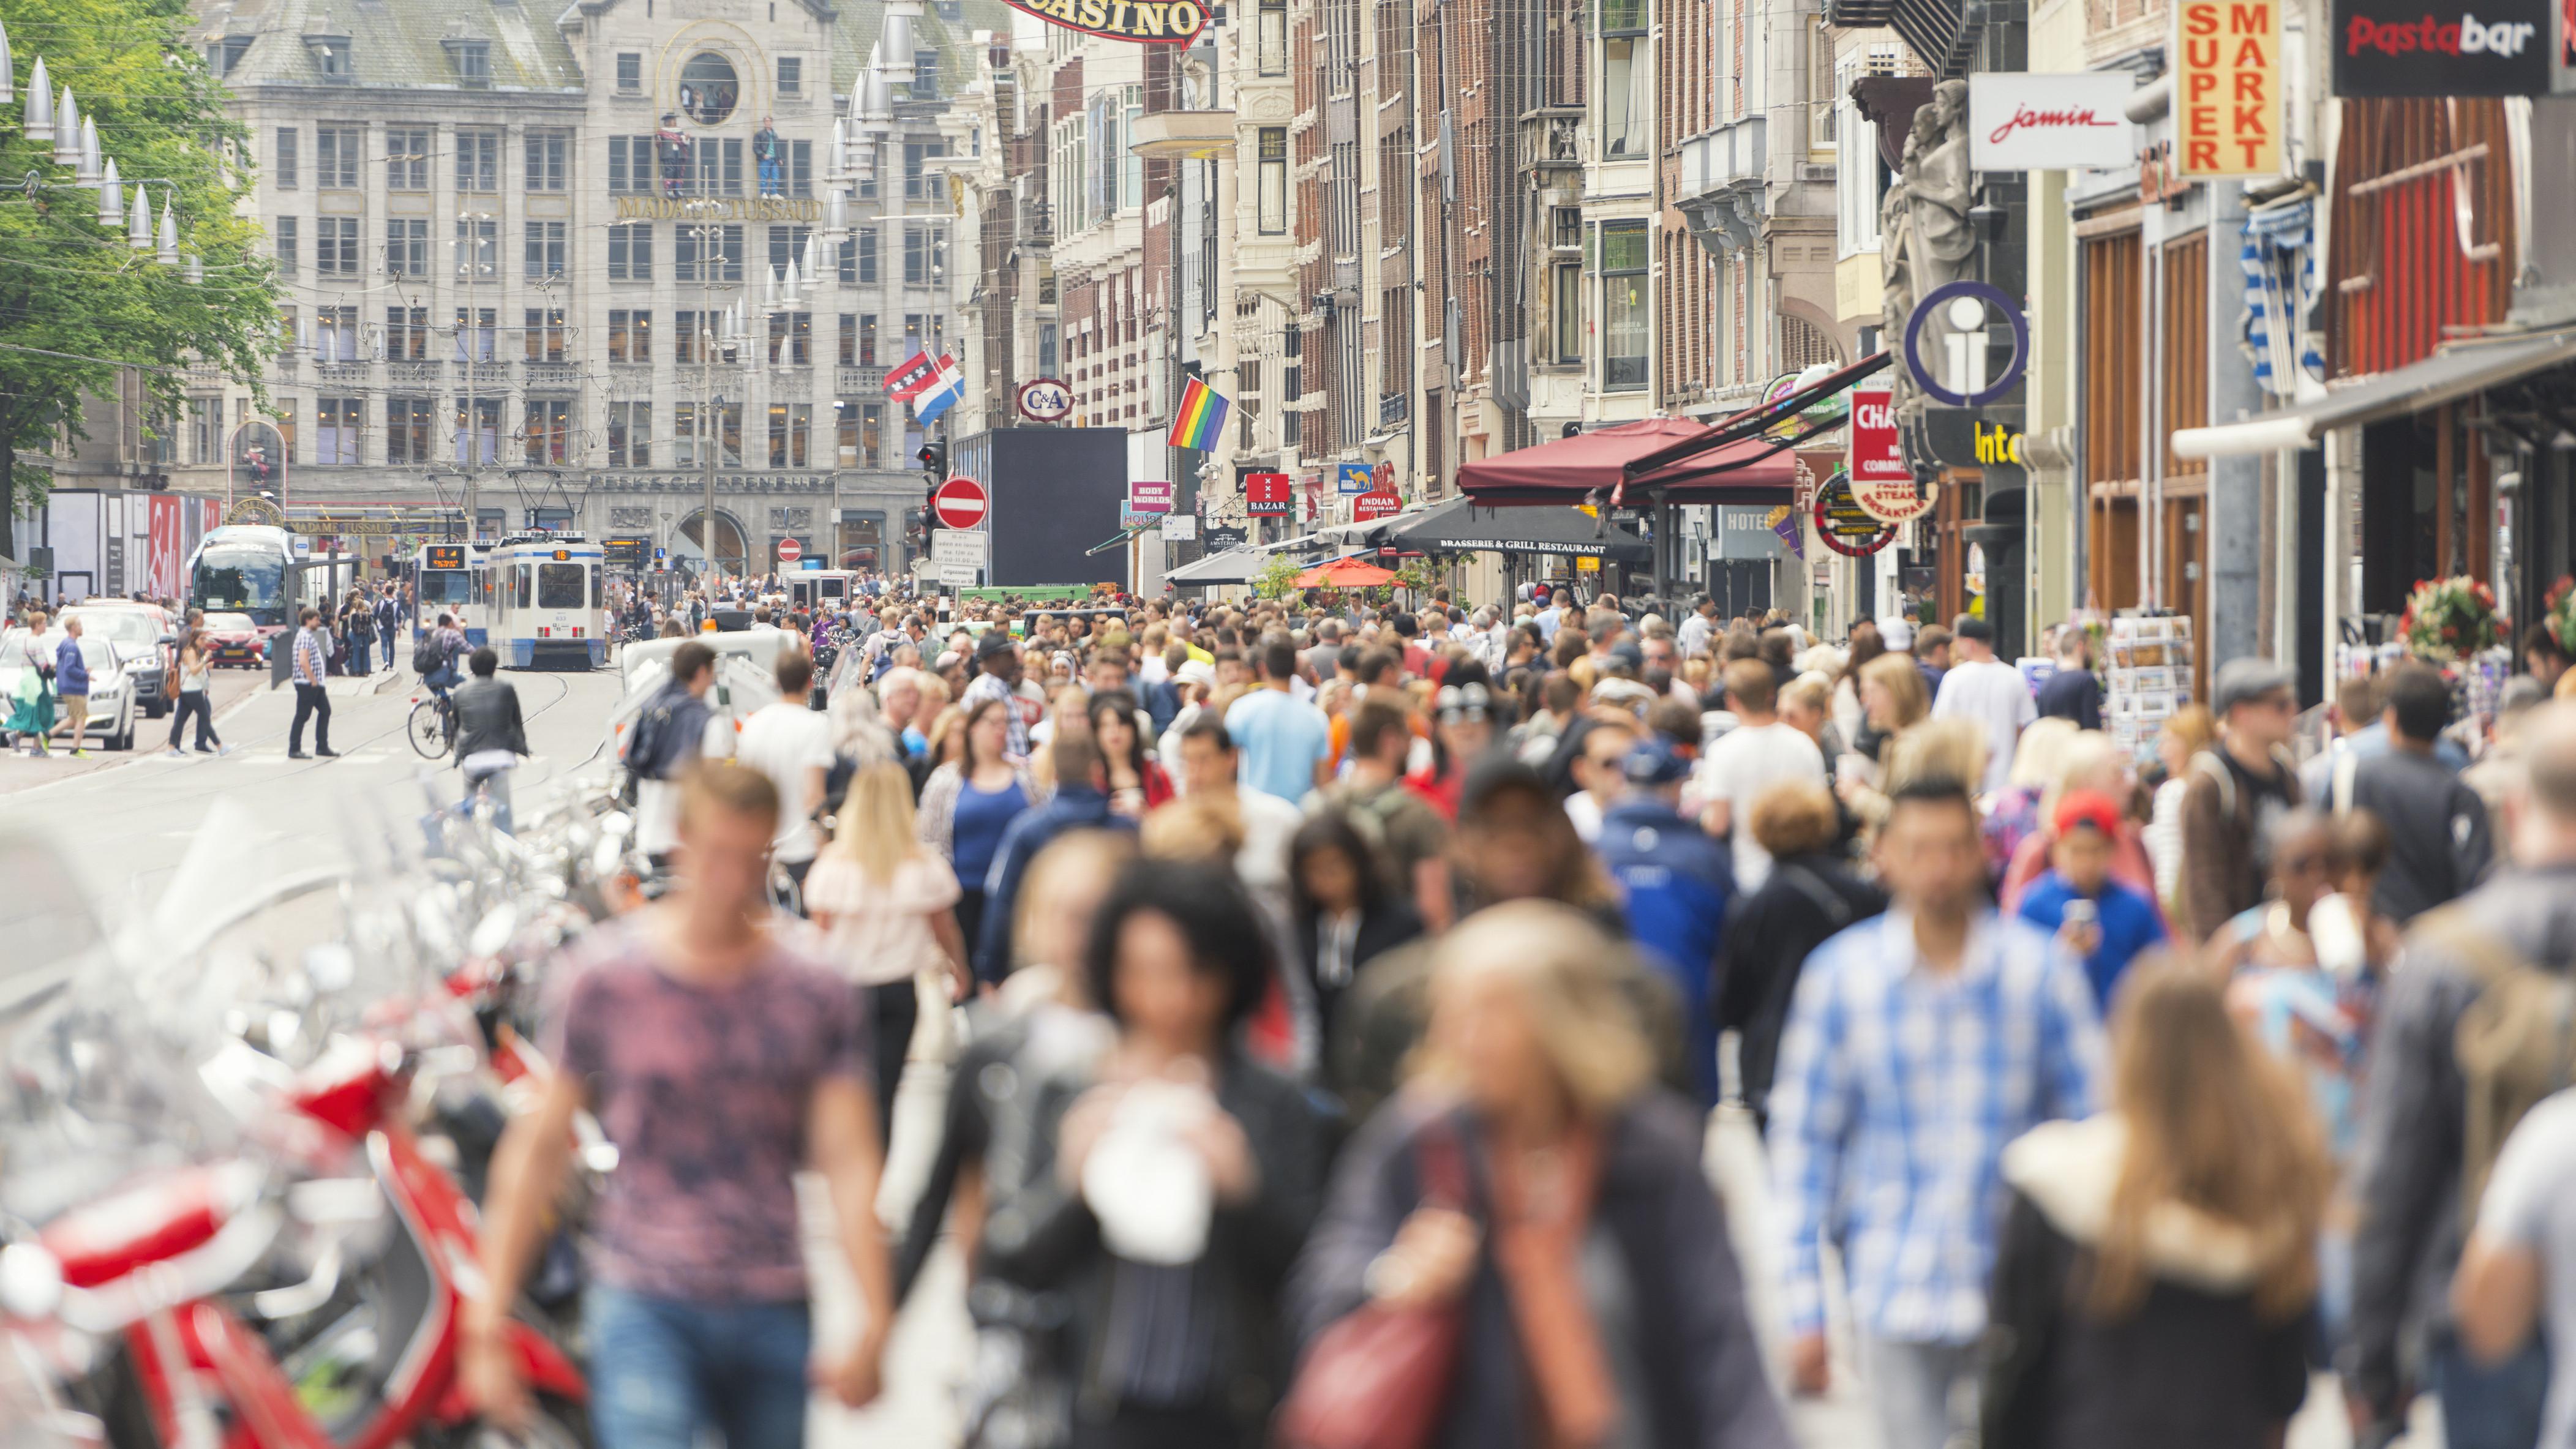 amsterdam pedestrians